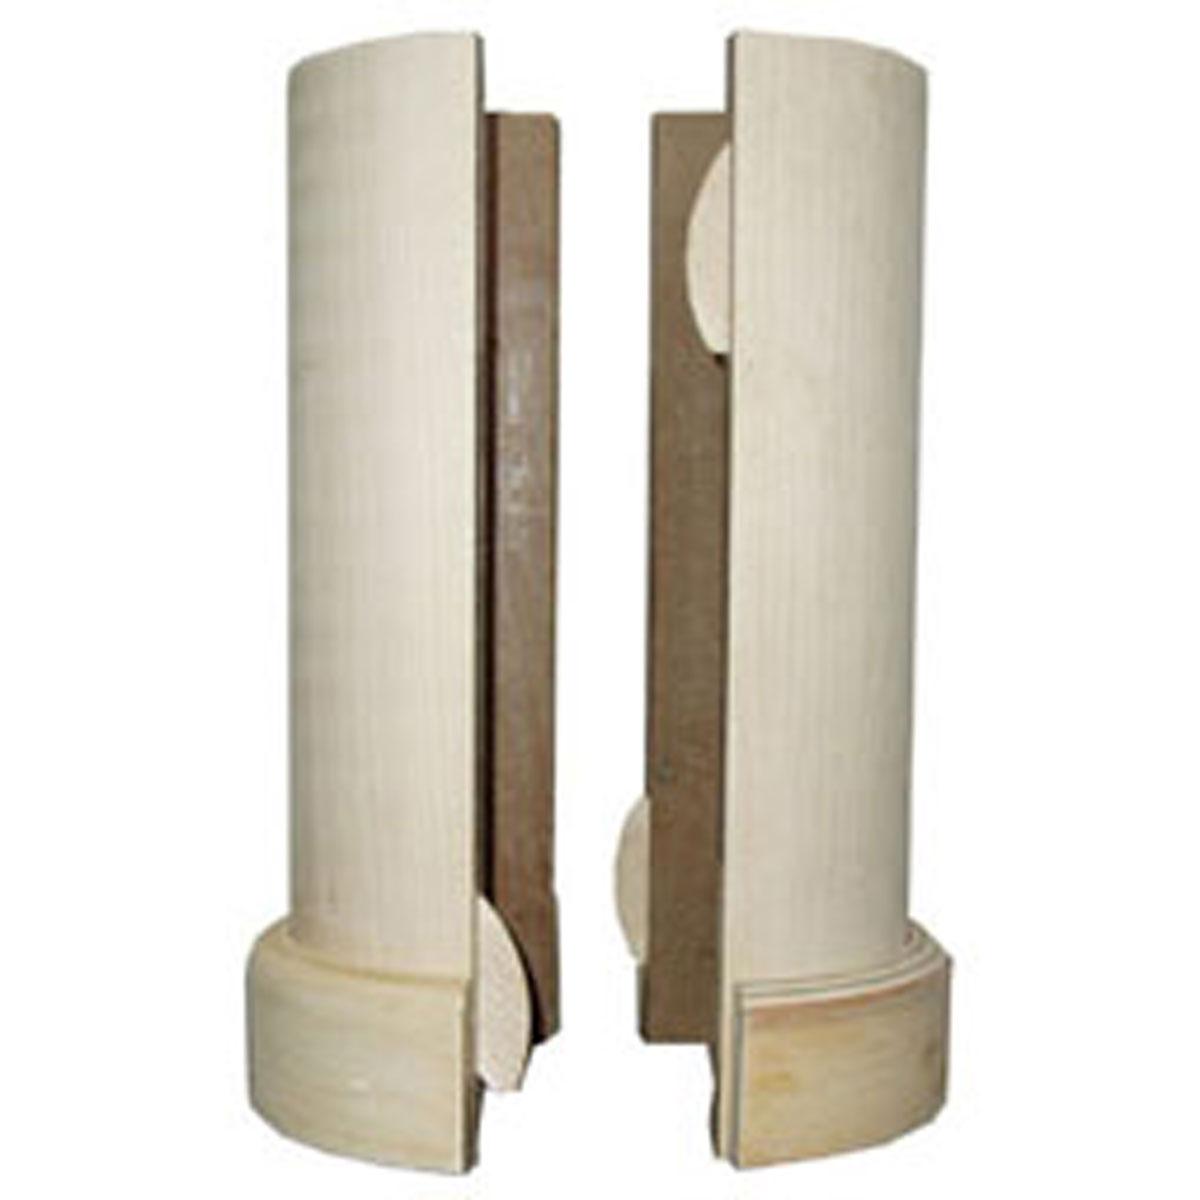 Round Porch Column Wraps